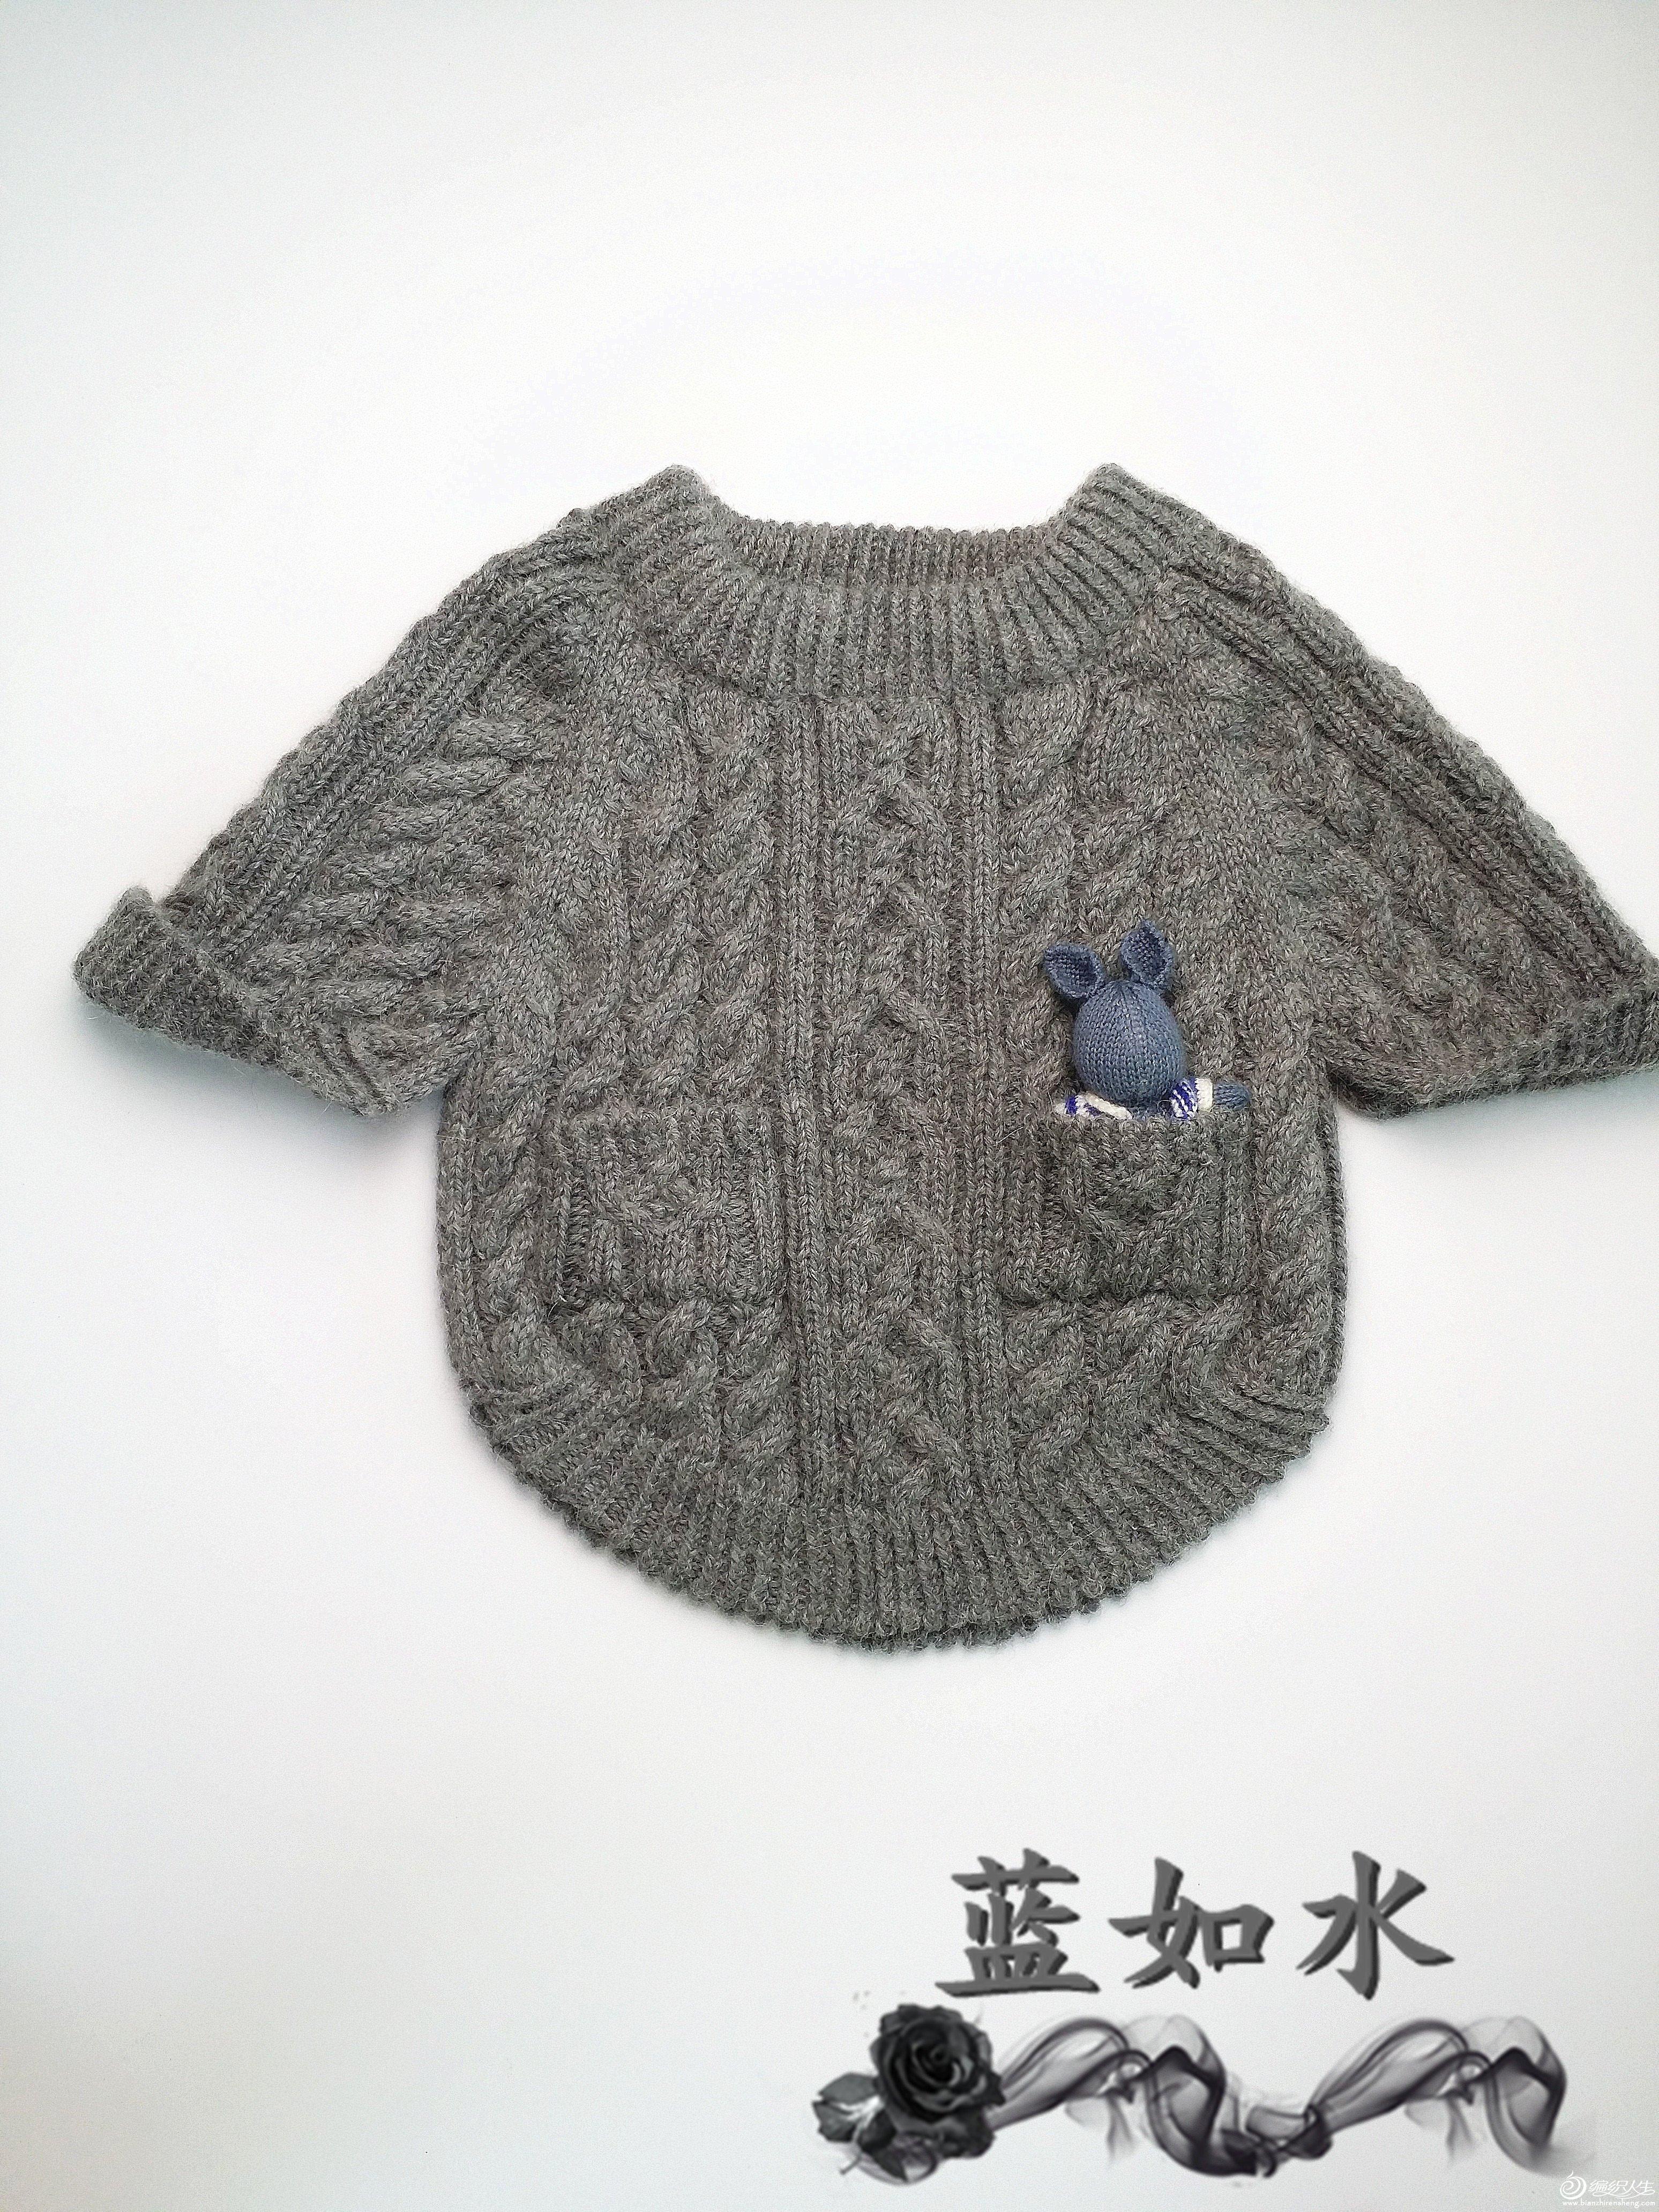 儿童斗篷式棒针毛衣